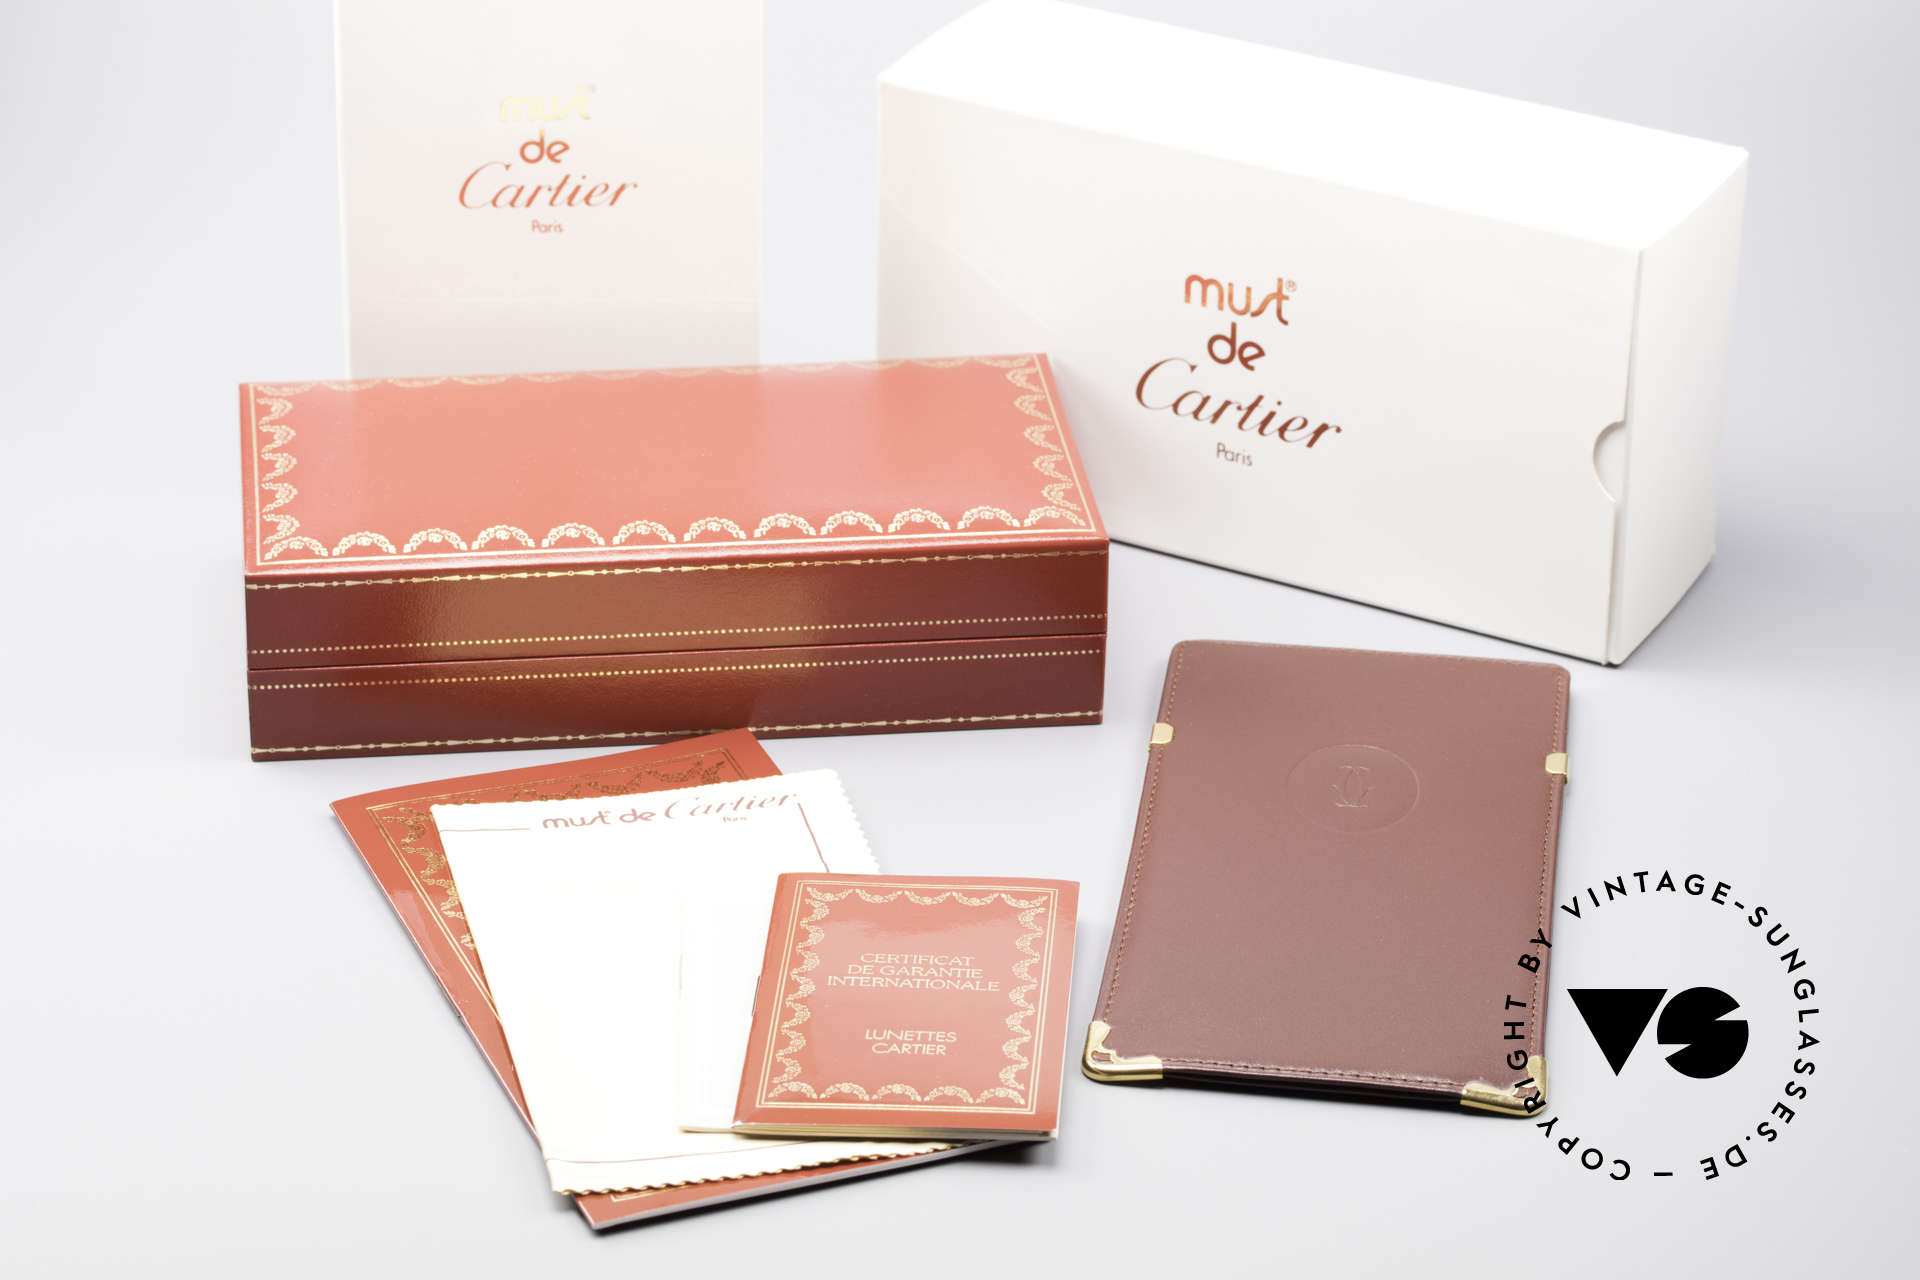 Cartier Vendome Santos - M Rare 80's Luxury Aviator Shades, Size: medium, Made for Men and Women